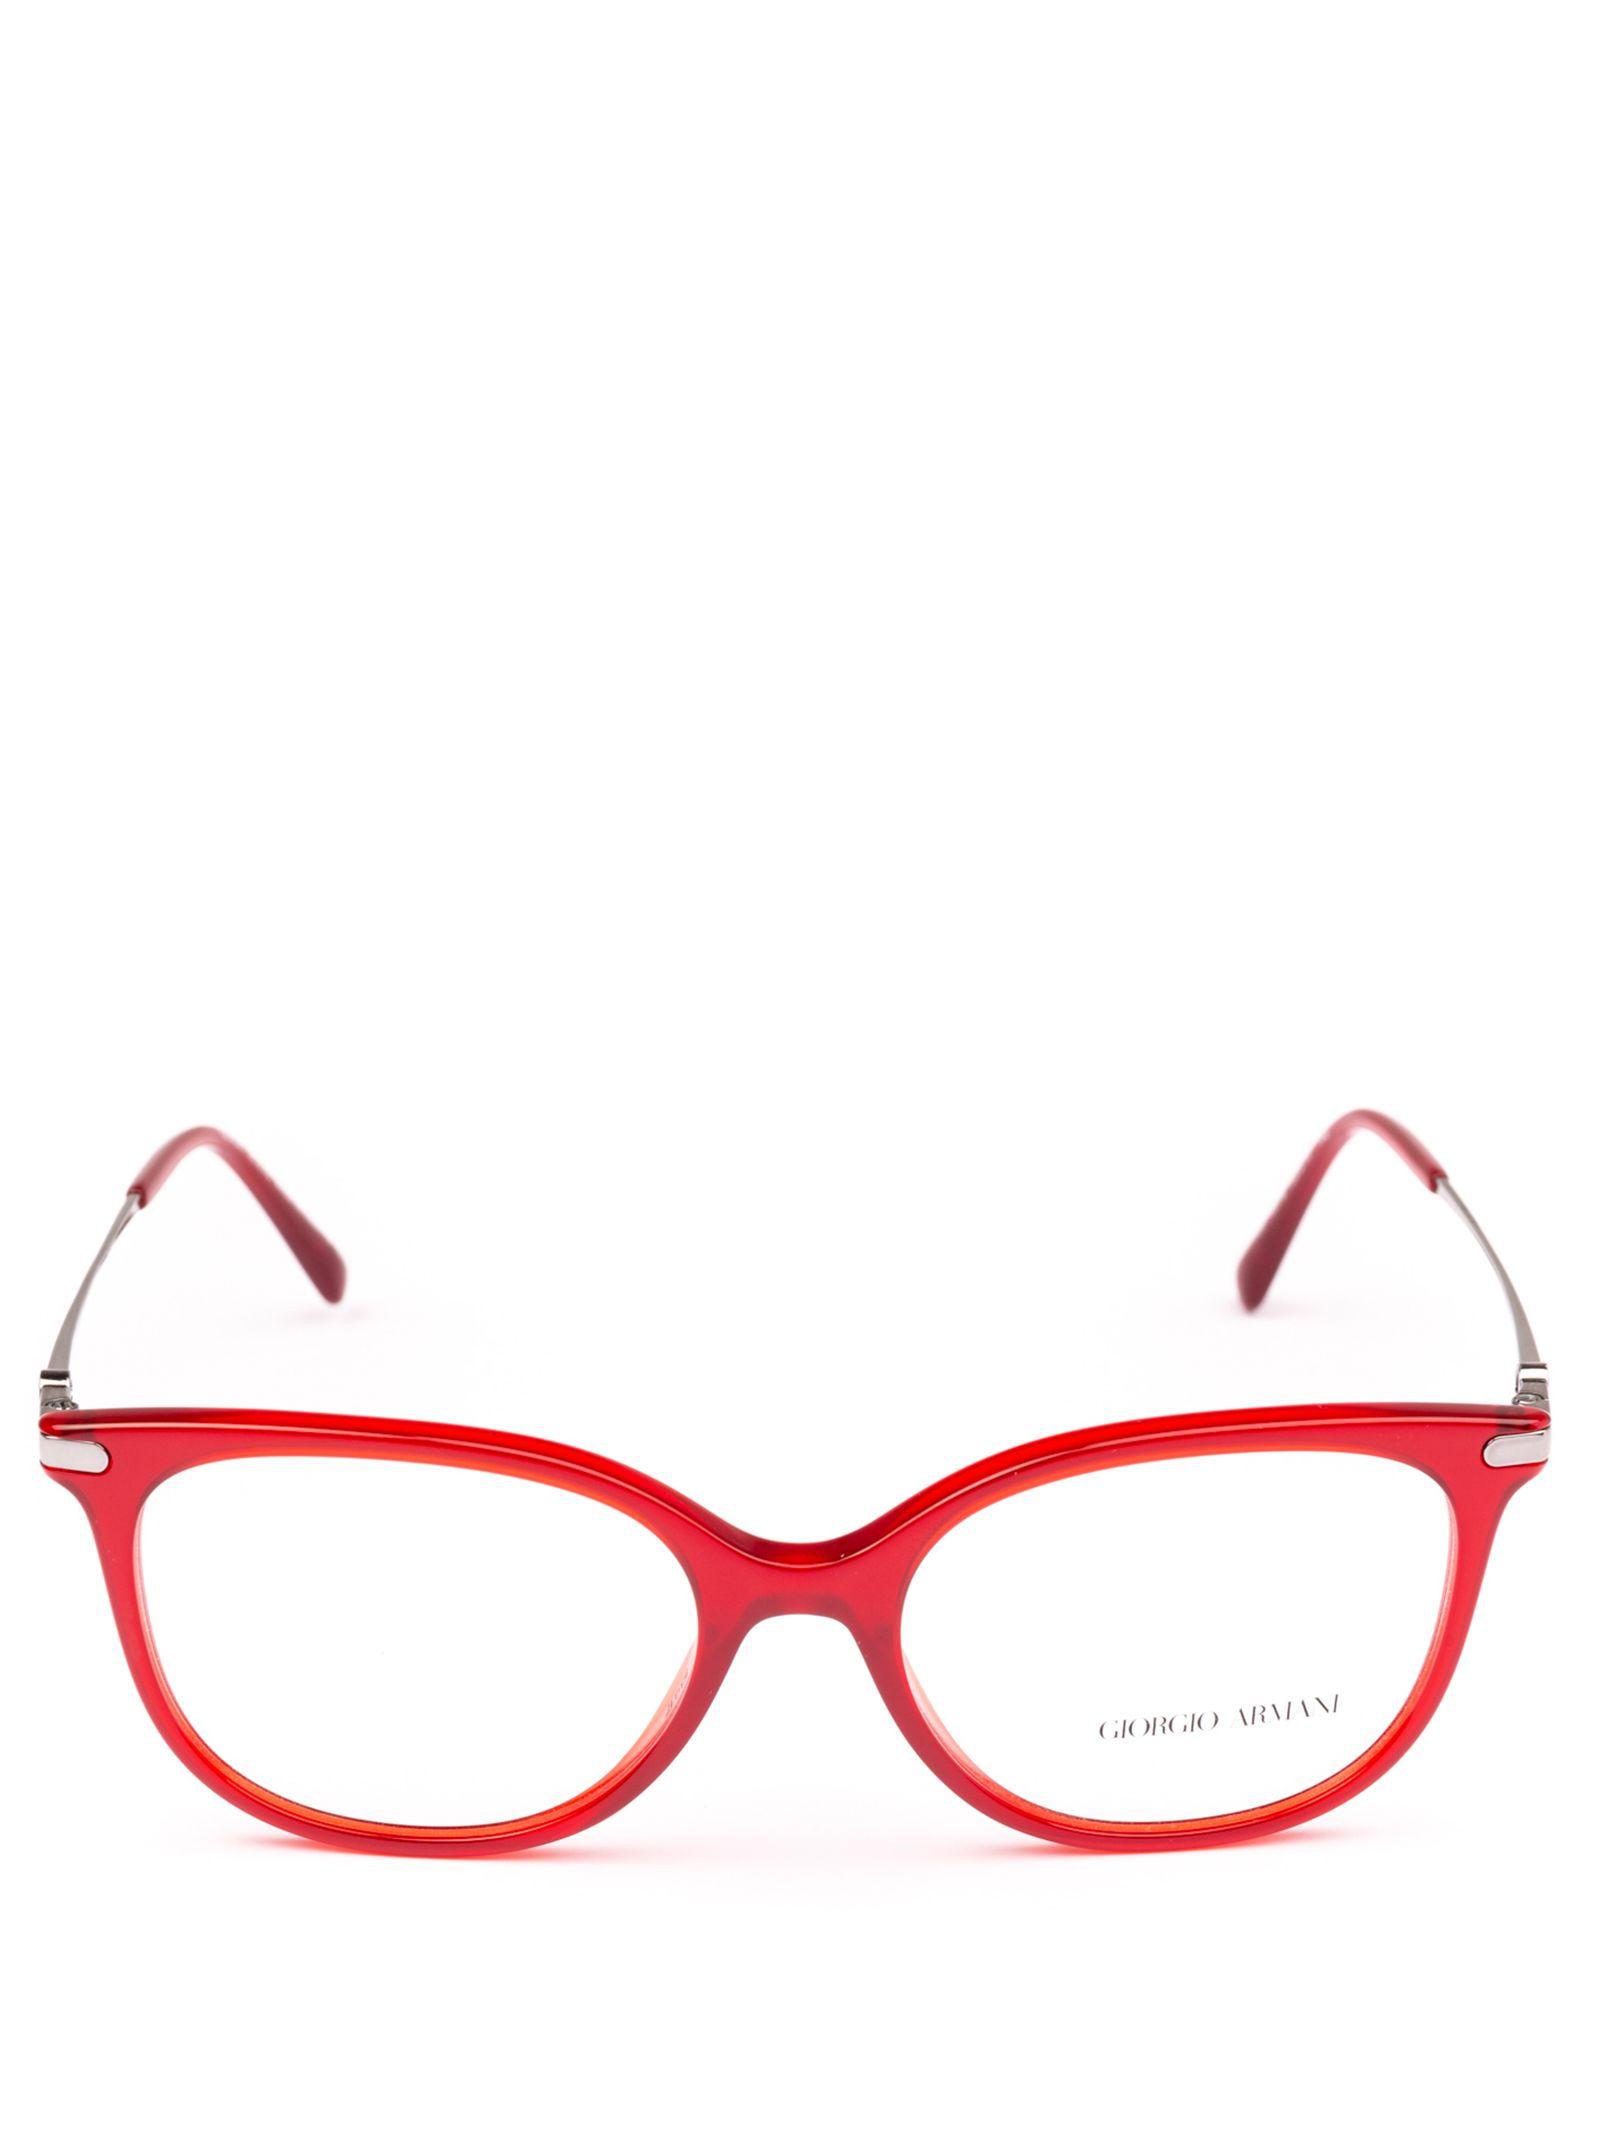 Giorgio Armani Glasses